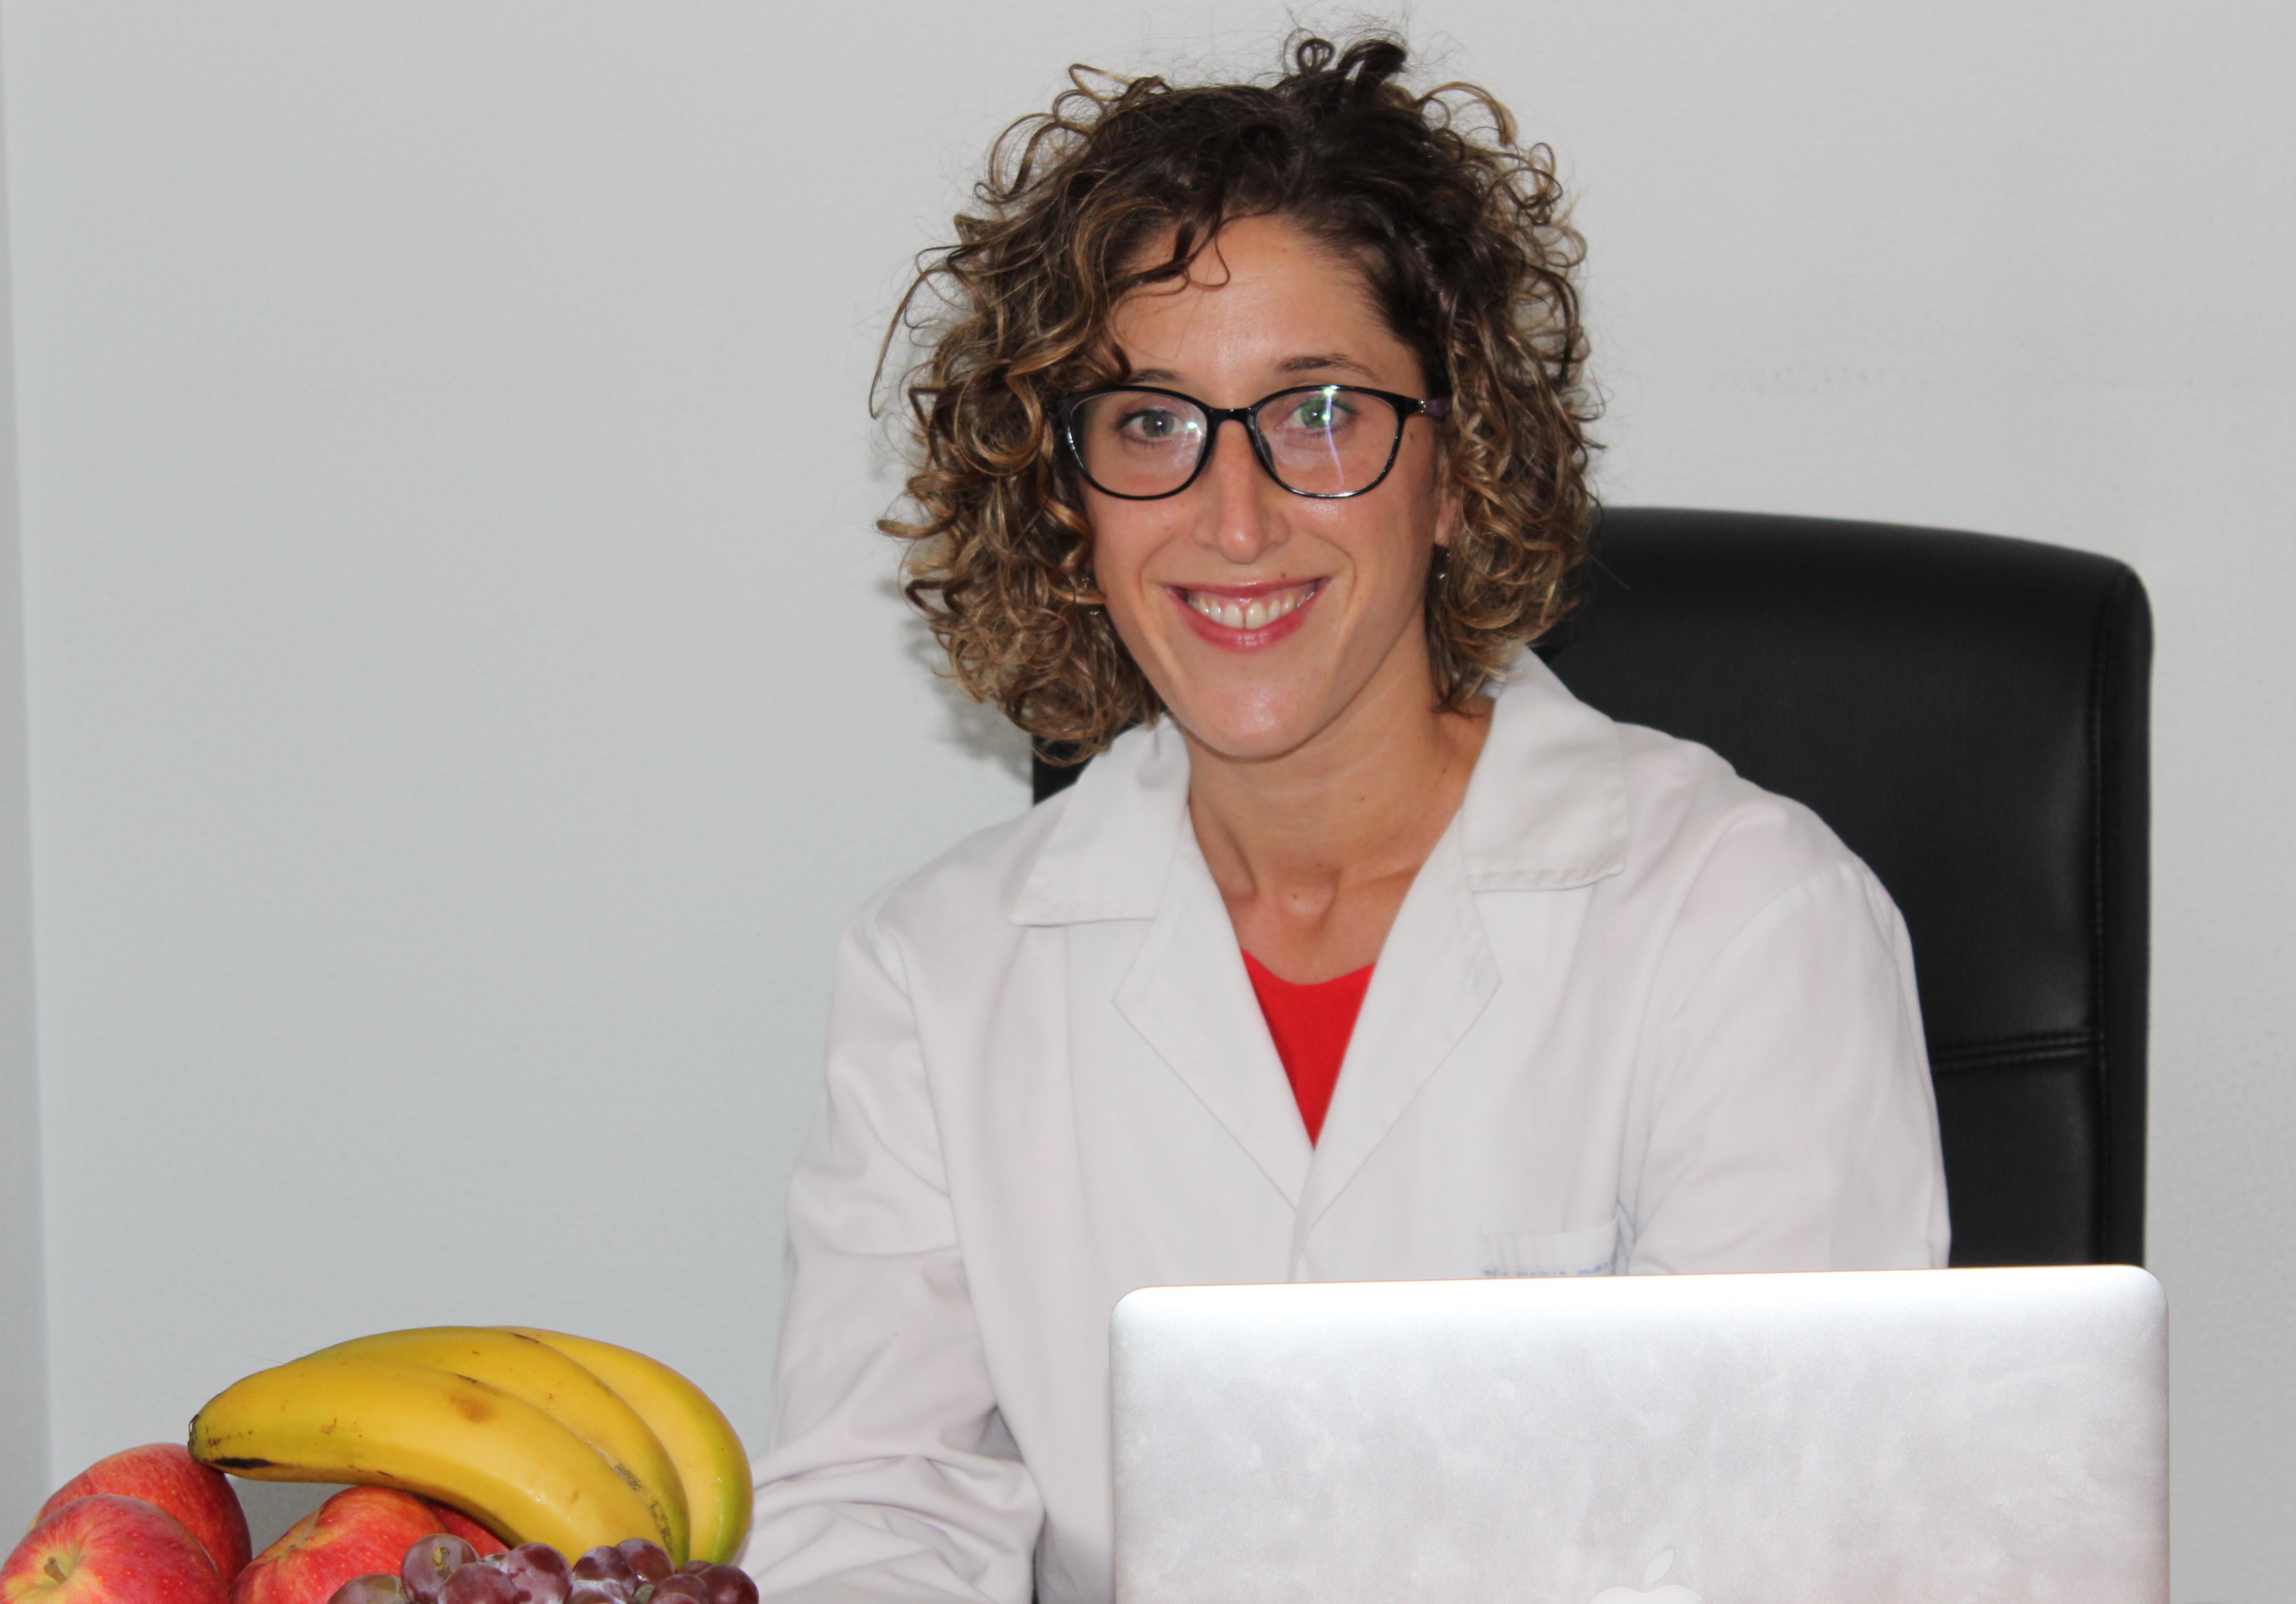 diestista nutricionista Raquel Santacruz experta en nutrición Alicante y Murcia